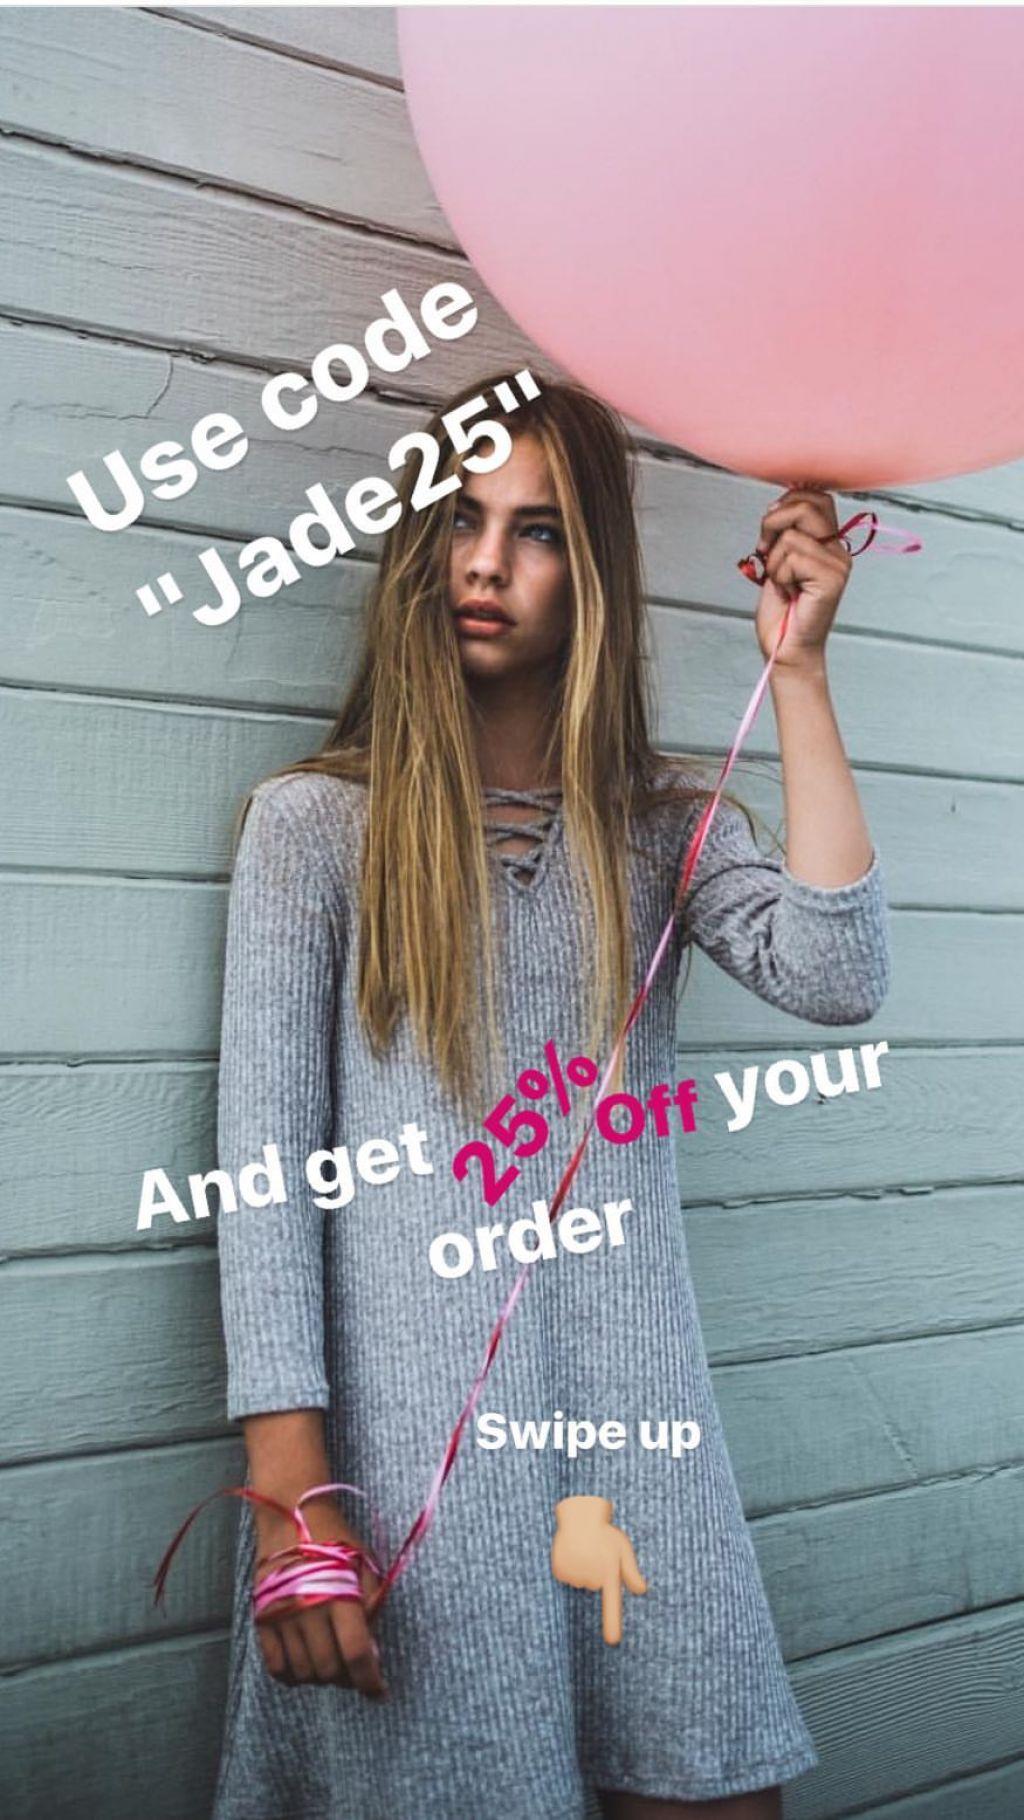 jade-weber-social-media-december-2017-3.jpg